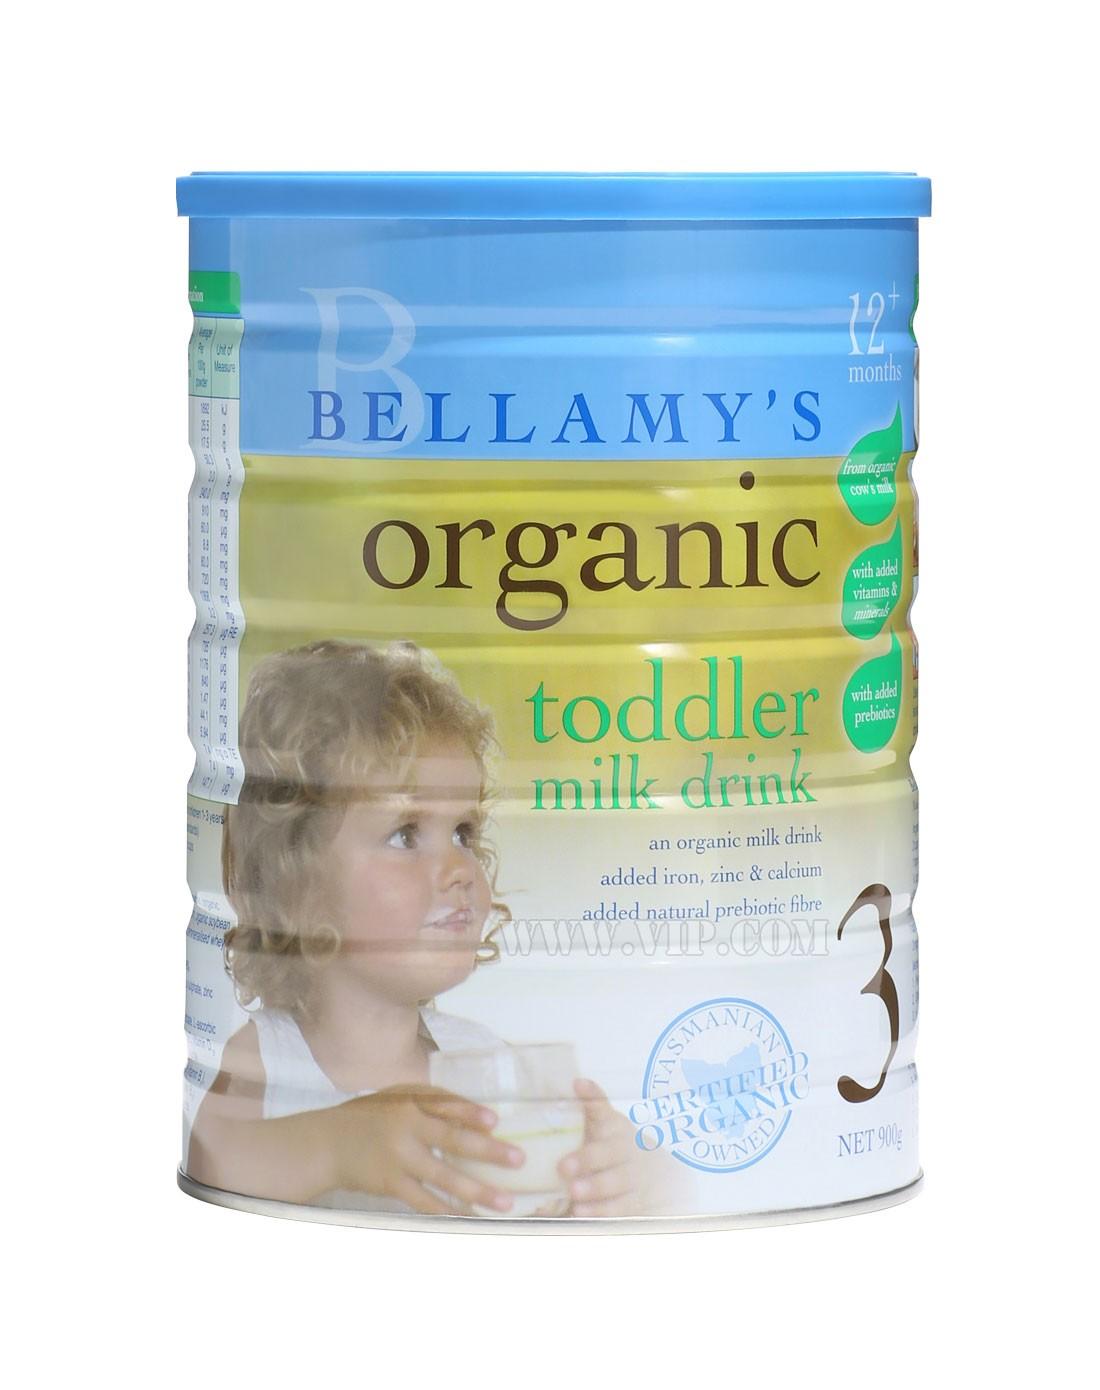 澳洲贝拉米有机婴幼儿奶粉专场-bellamy贝拉米有机婴儿配方奶粉3段(2